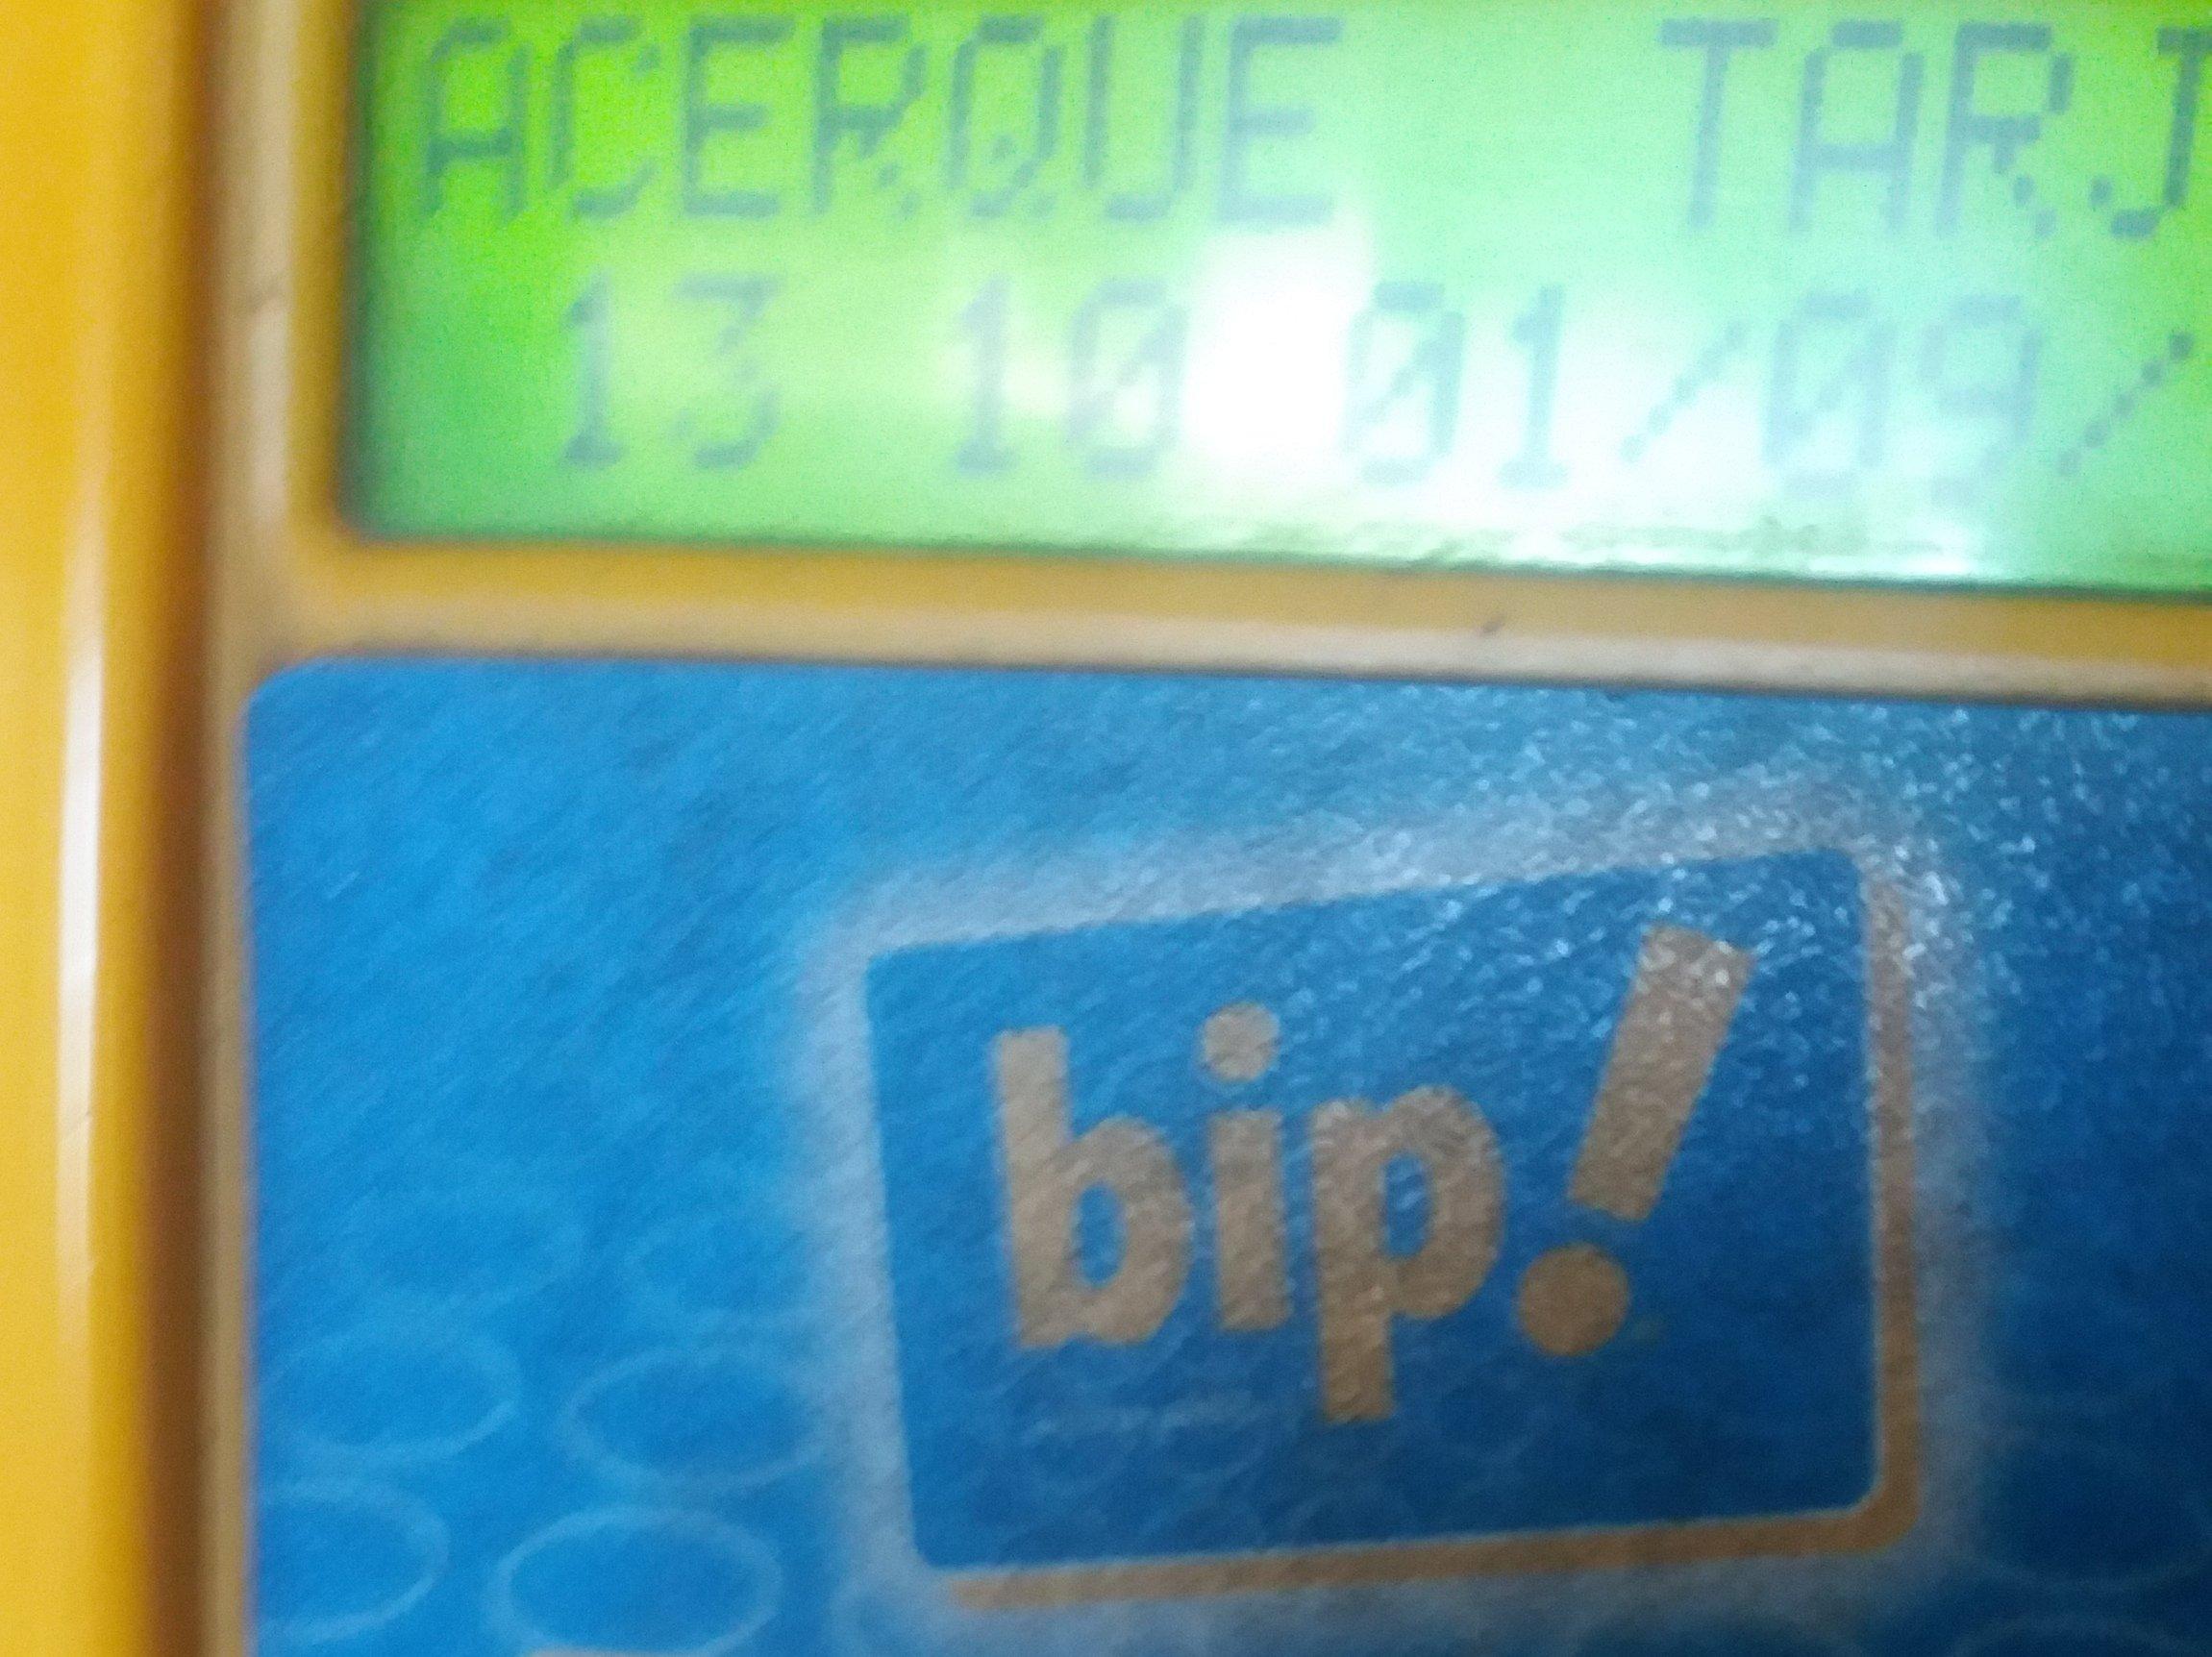 Foto: Dispositivos de recarga de tarjeta bip